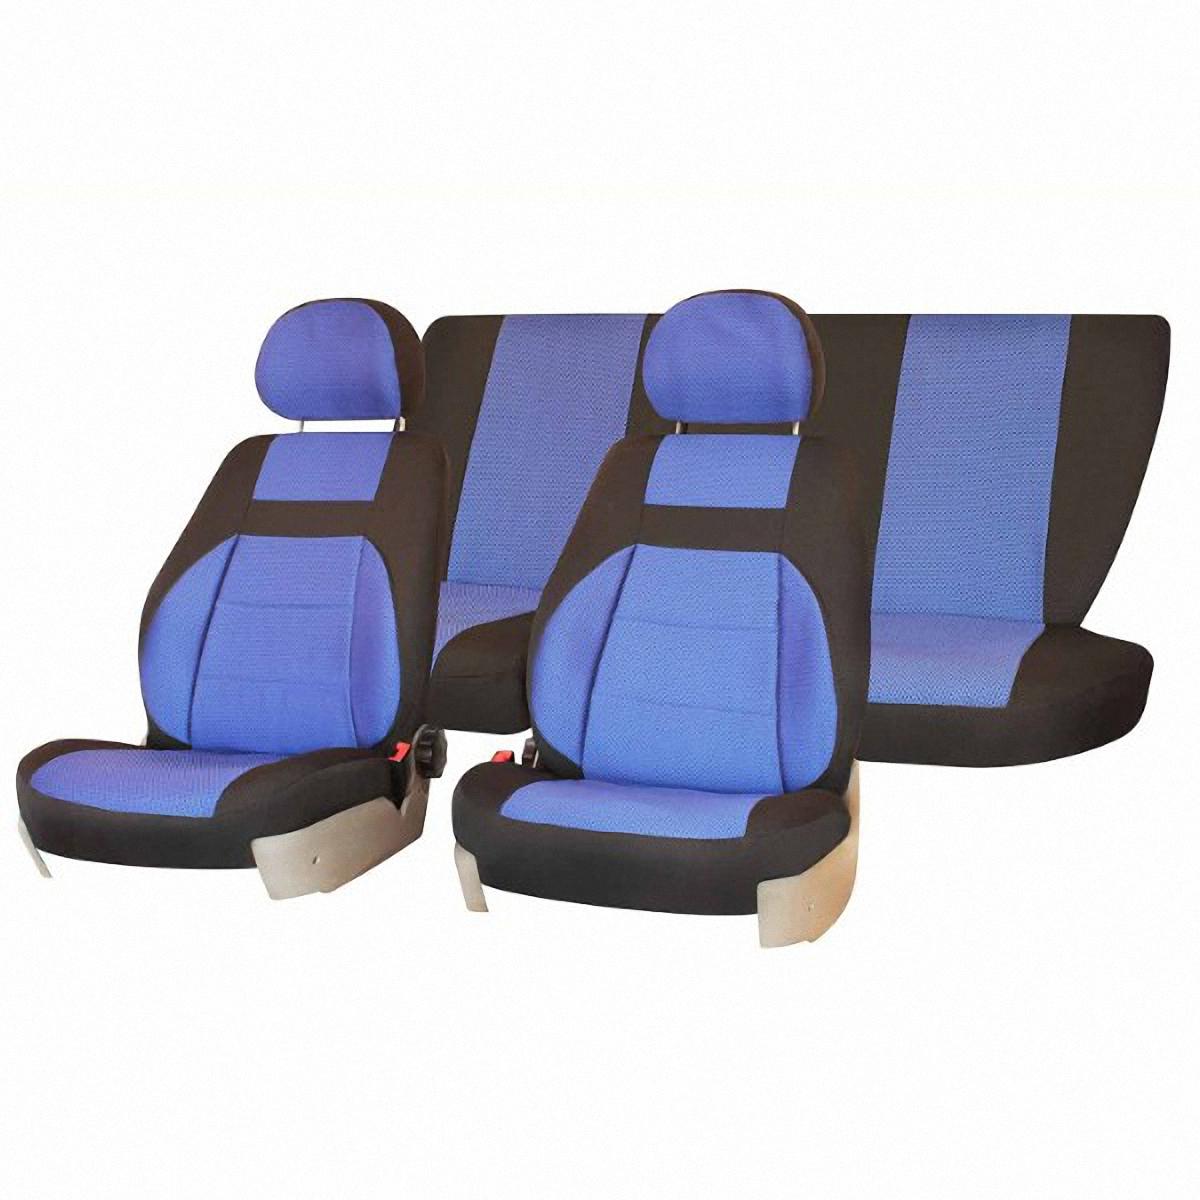 Чехлы автомобильные Skyway, для ВАЗ-2107, цвет: синий, черныйV012-D4Автомобильные чехлы Skyway изготовлены из качественного жаккарда. Чехлы идеально повторяют штатную форму сидений и выглядят как оригинальная обивка сидений. Разработаны индивидуально для каждой модели автомобиля. Авточехлы Skyway просты в уходе - загрязнения легко удаляются влажной тканью. Чехлы имеют раздельную схему надевания. В комплекте 6 предметов.